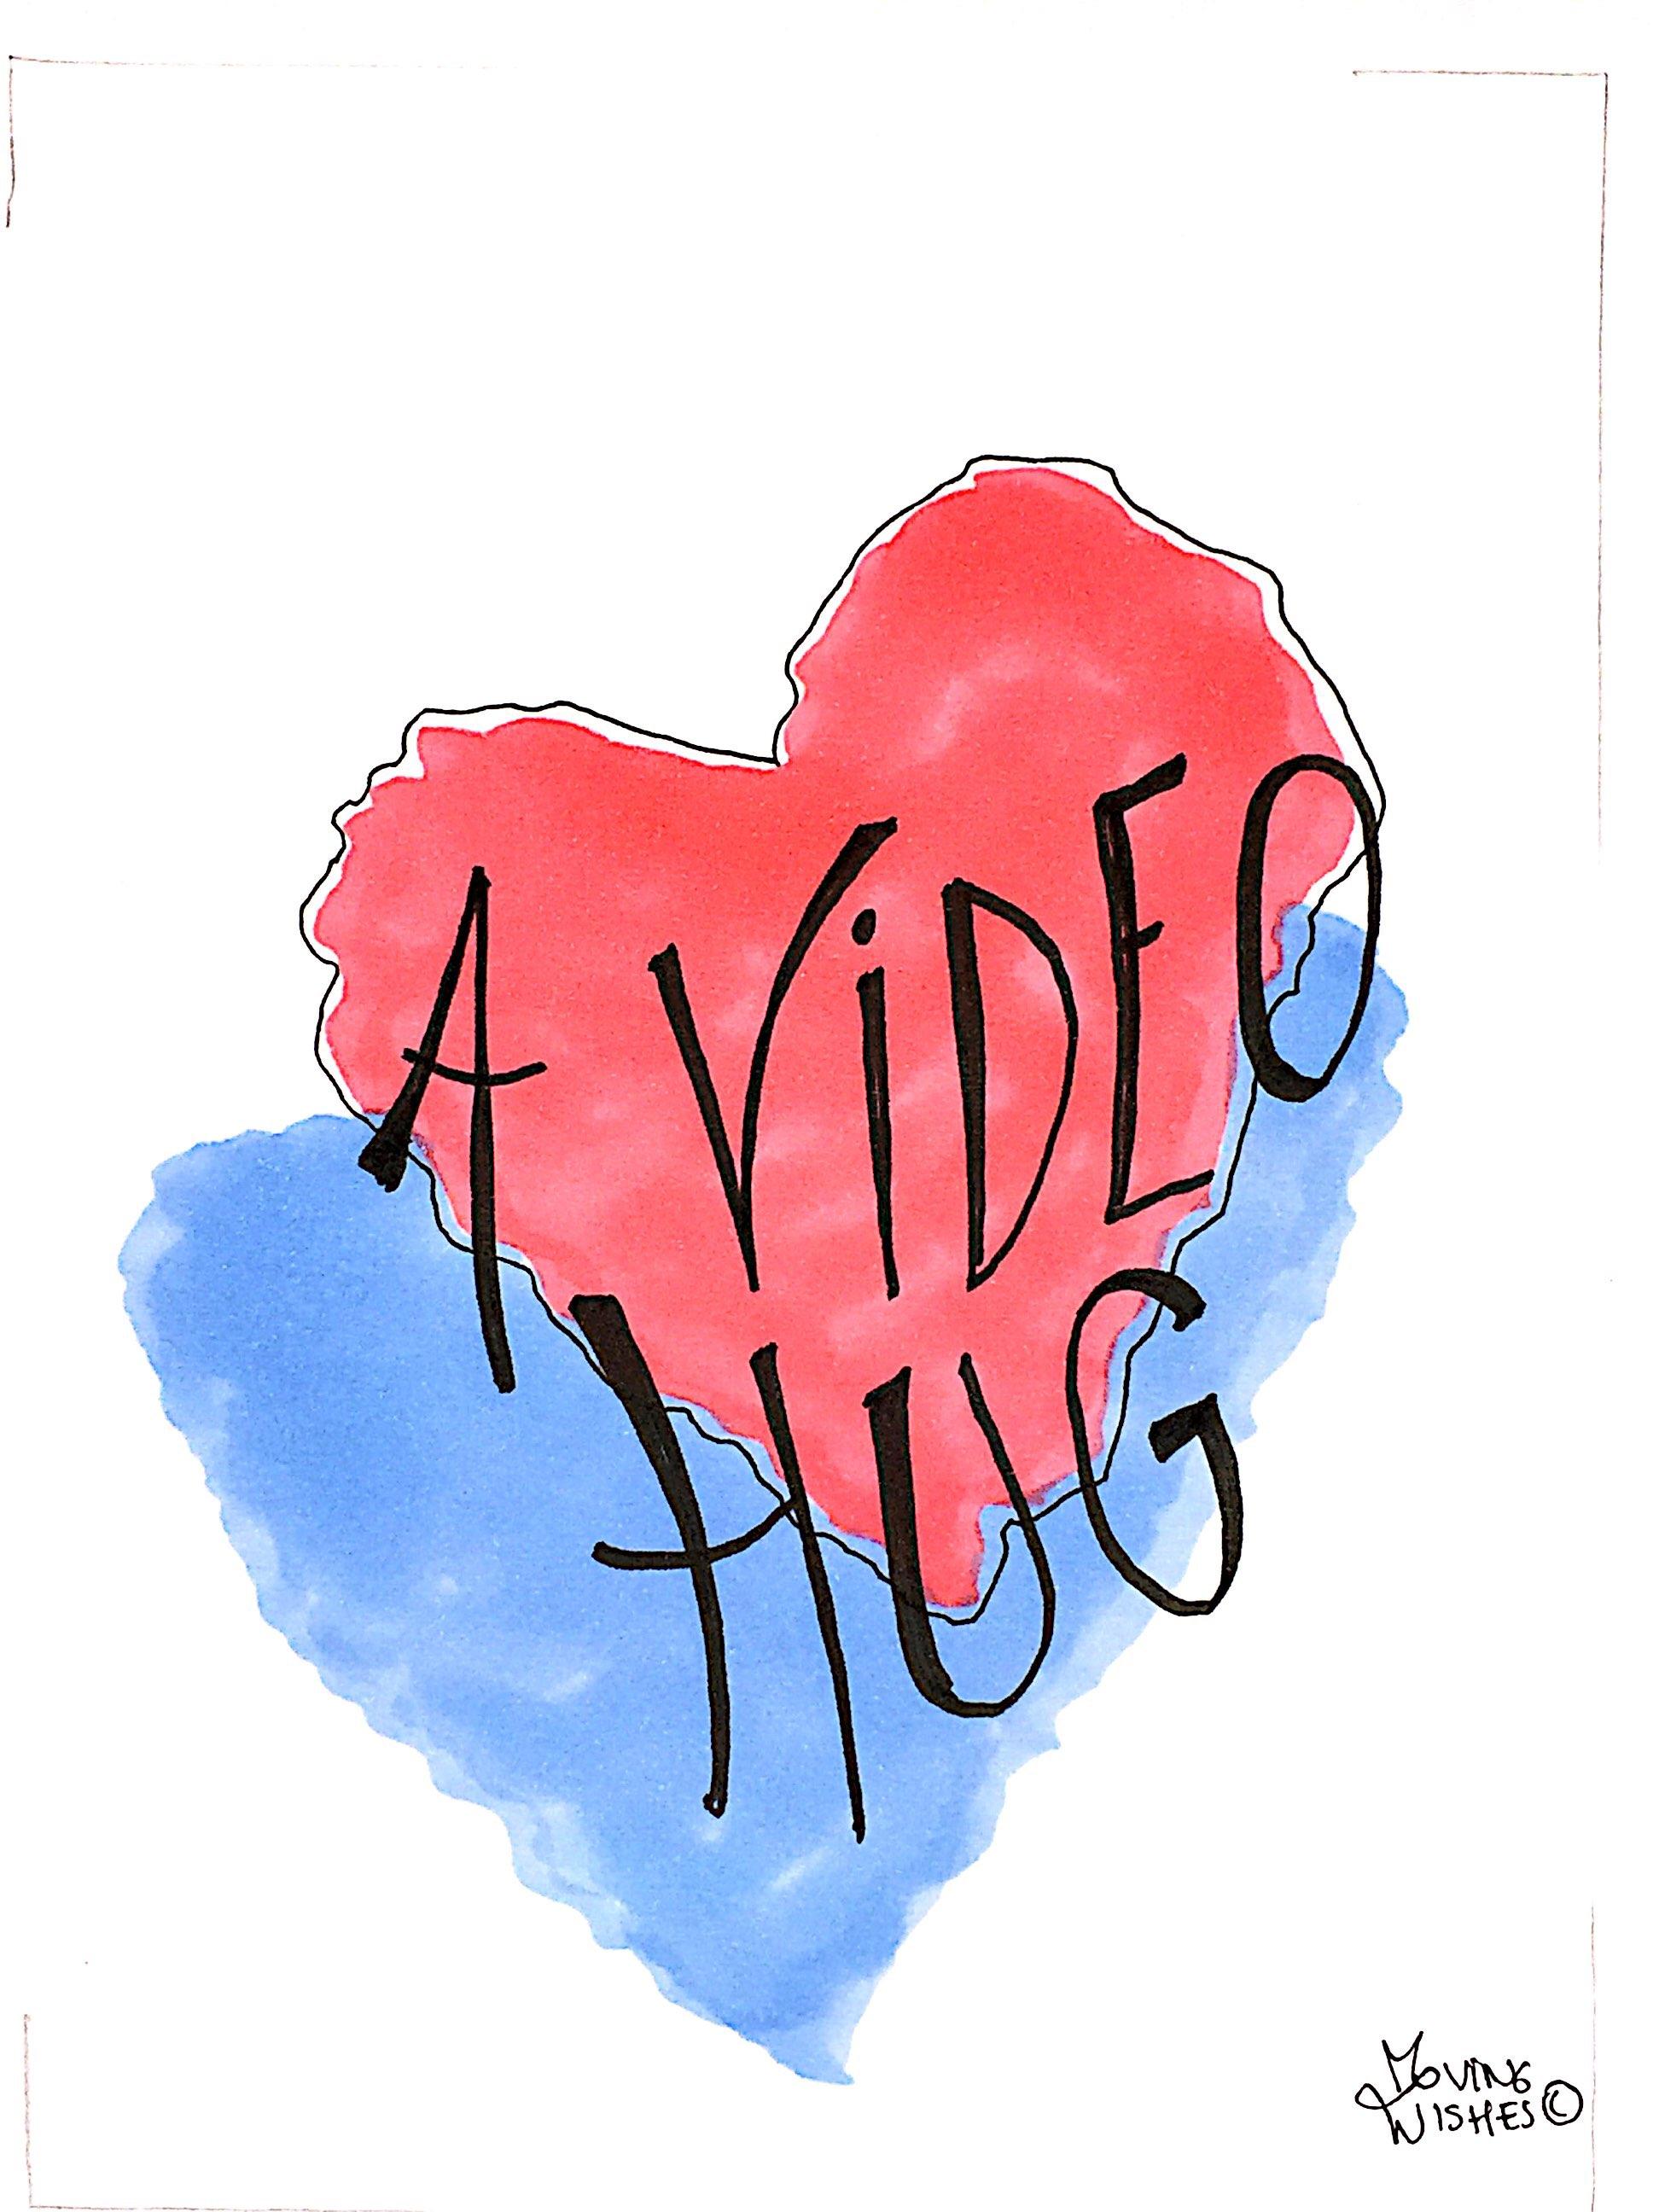 Wenskaart video hug